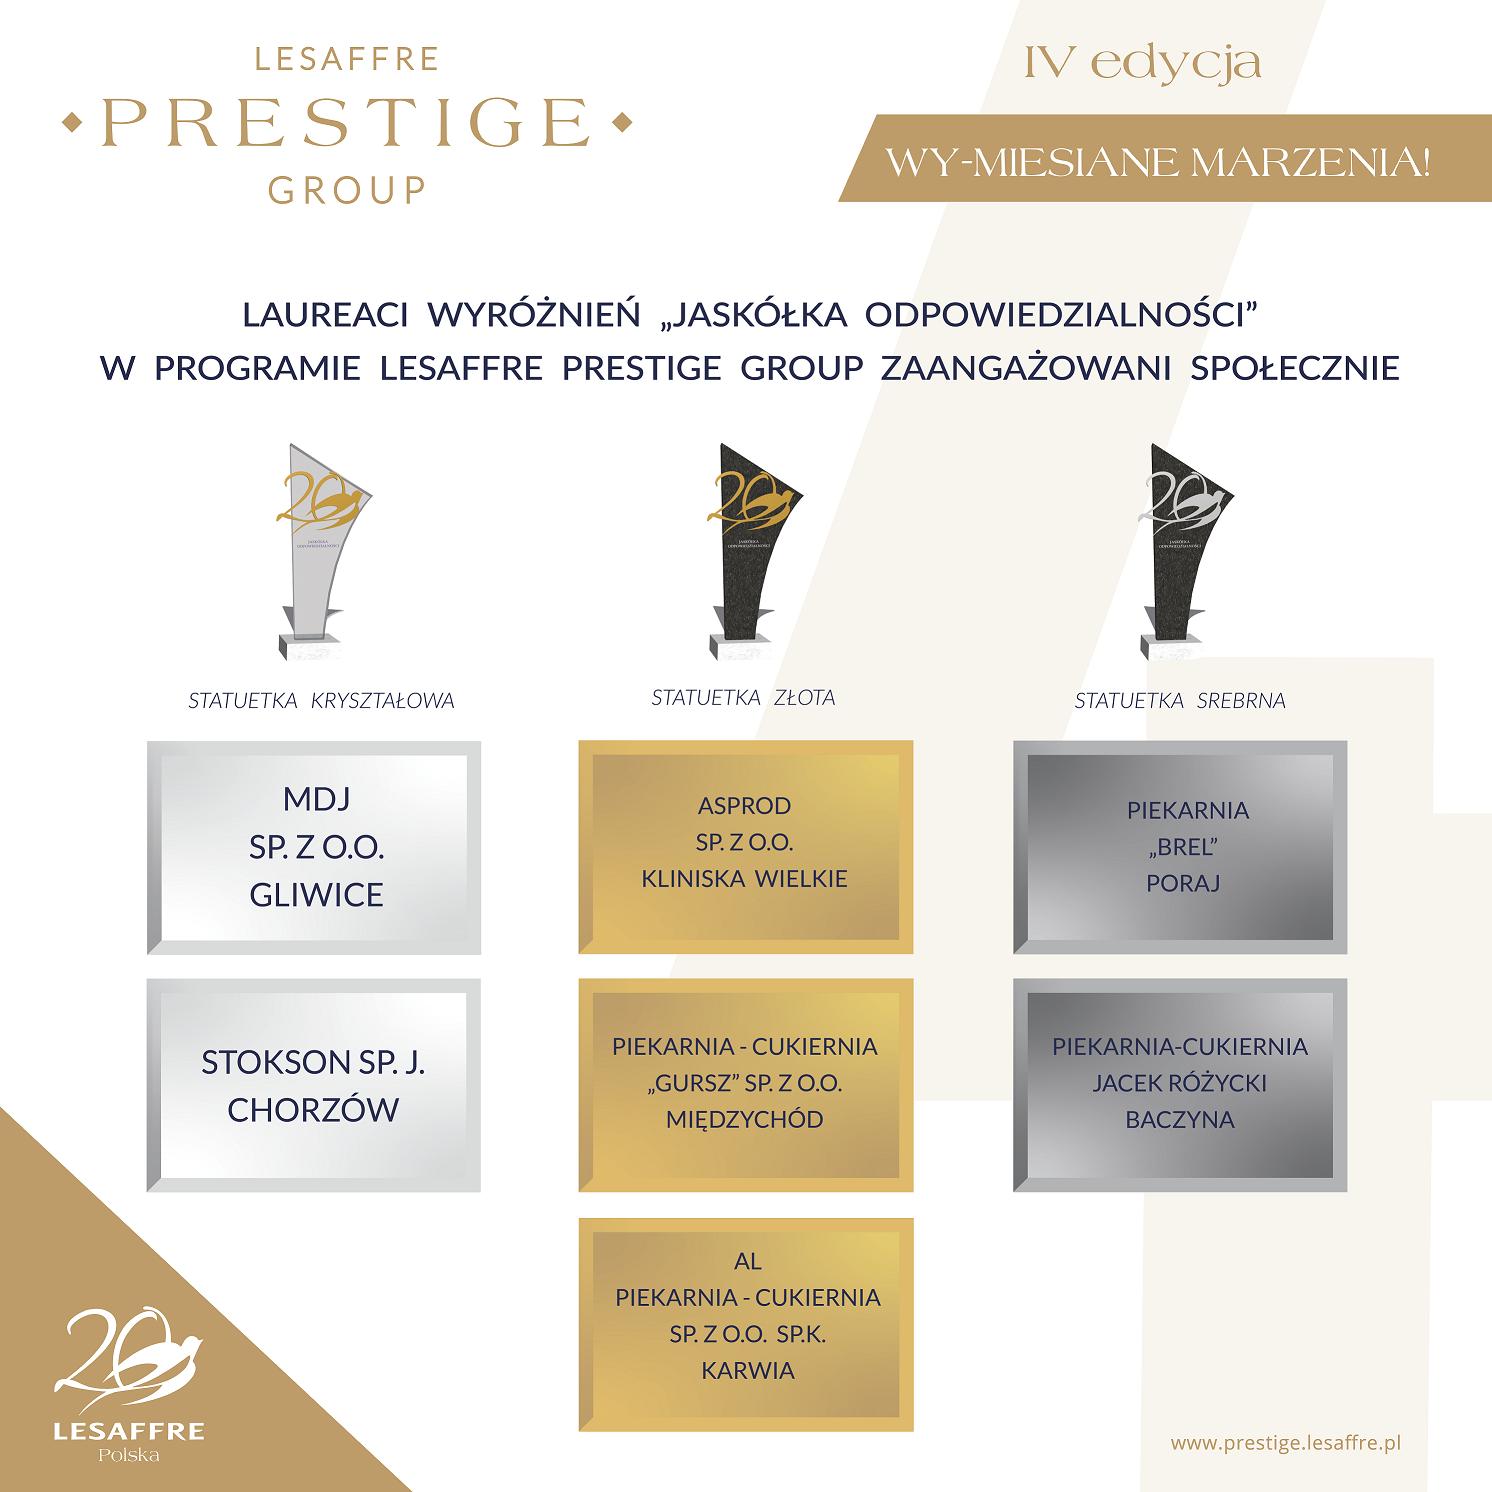 Laureaci-CSR-Lesaffre-Prestige-Group-4-edycja-LPG-Jaskolki-Odpowiedzialnosci